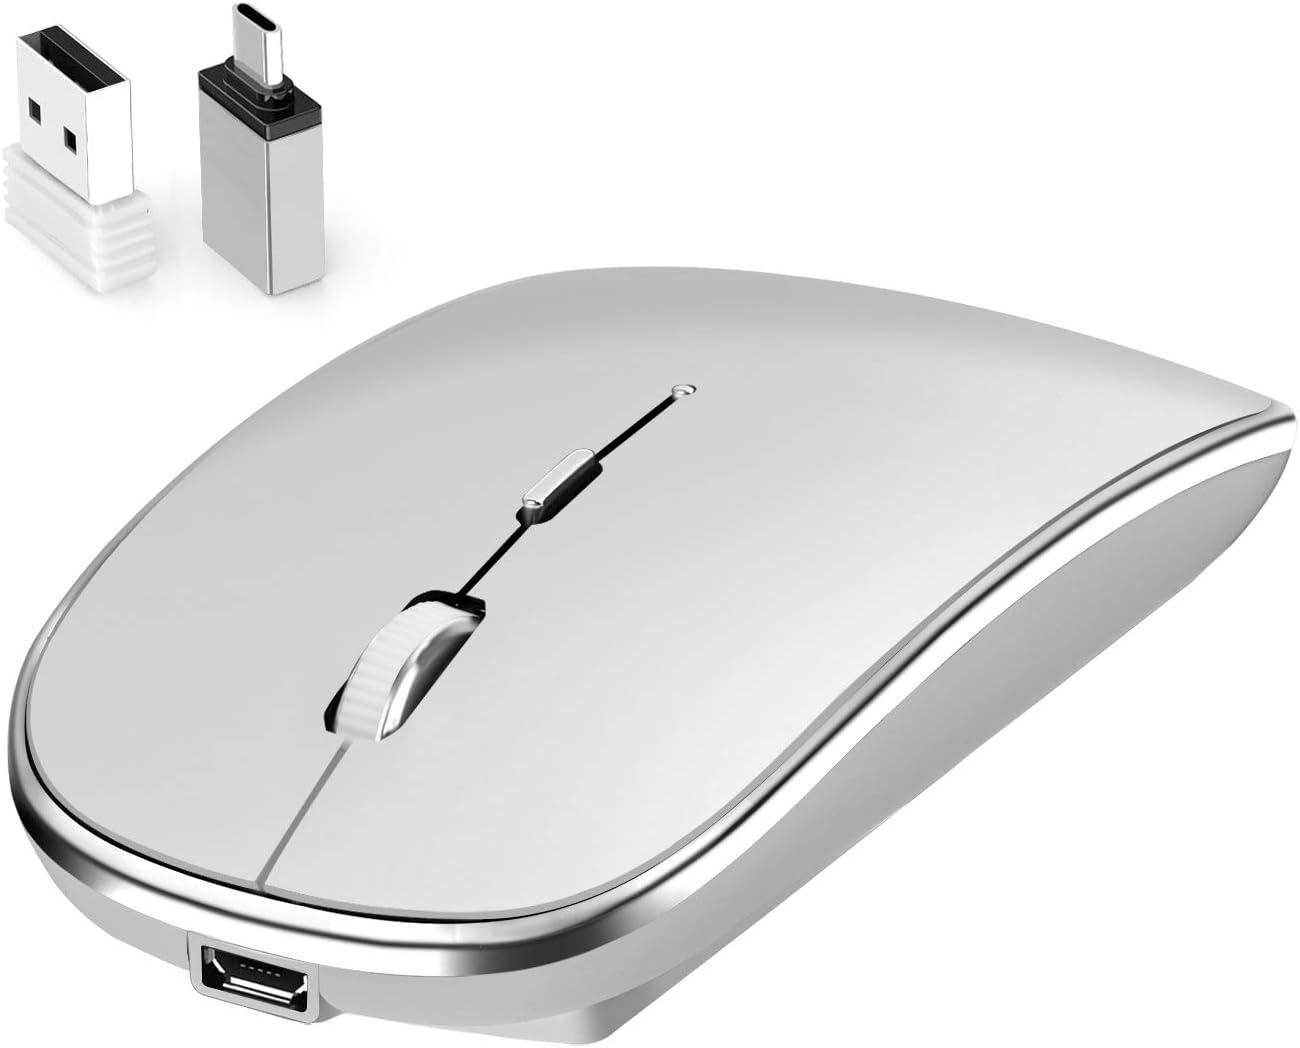 MacBook Leolee Rat/ón Inal/ámbrico con Tipo C 2.4G USB Delgado Silencioso Port/átil /óptico S/ólabis Ratones Inal/ámbricos con Nano dpi Rat/ón,Home/&Office para PC Ordenador Port/átil Gris